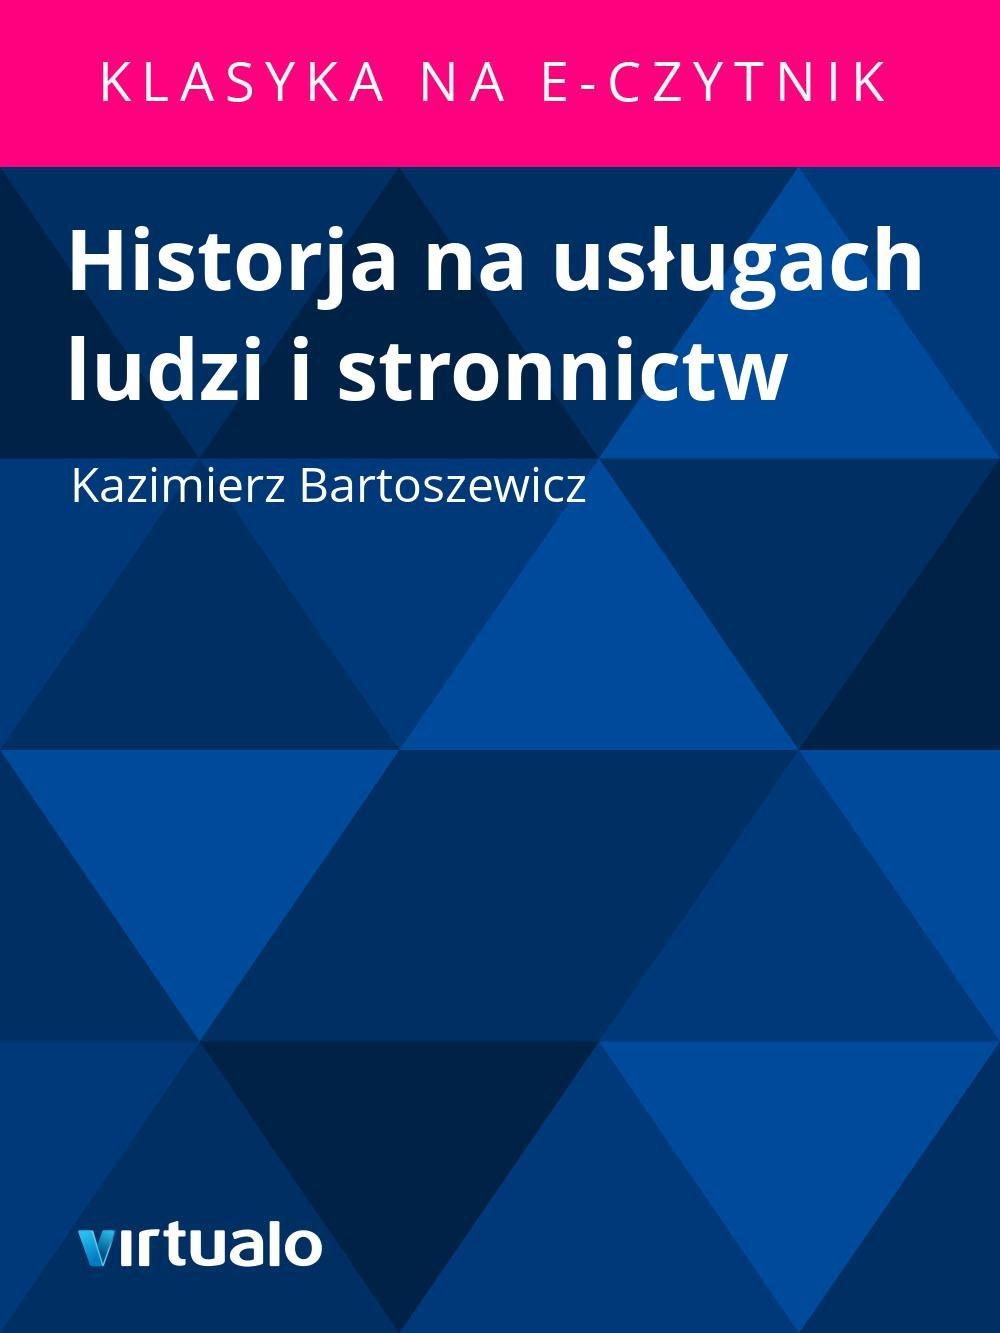 Historja na usługach ludzi i stronnictw - Ebook (Książka EPUB) do pobrania w formacie EPUB